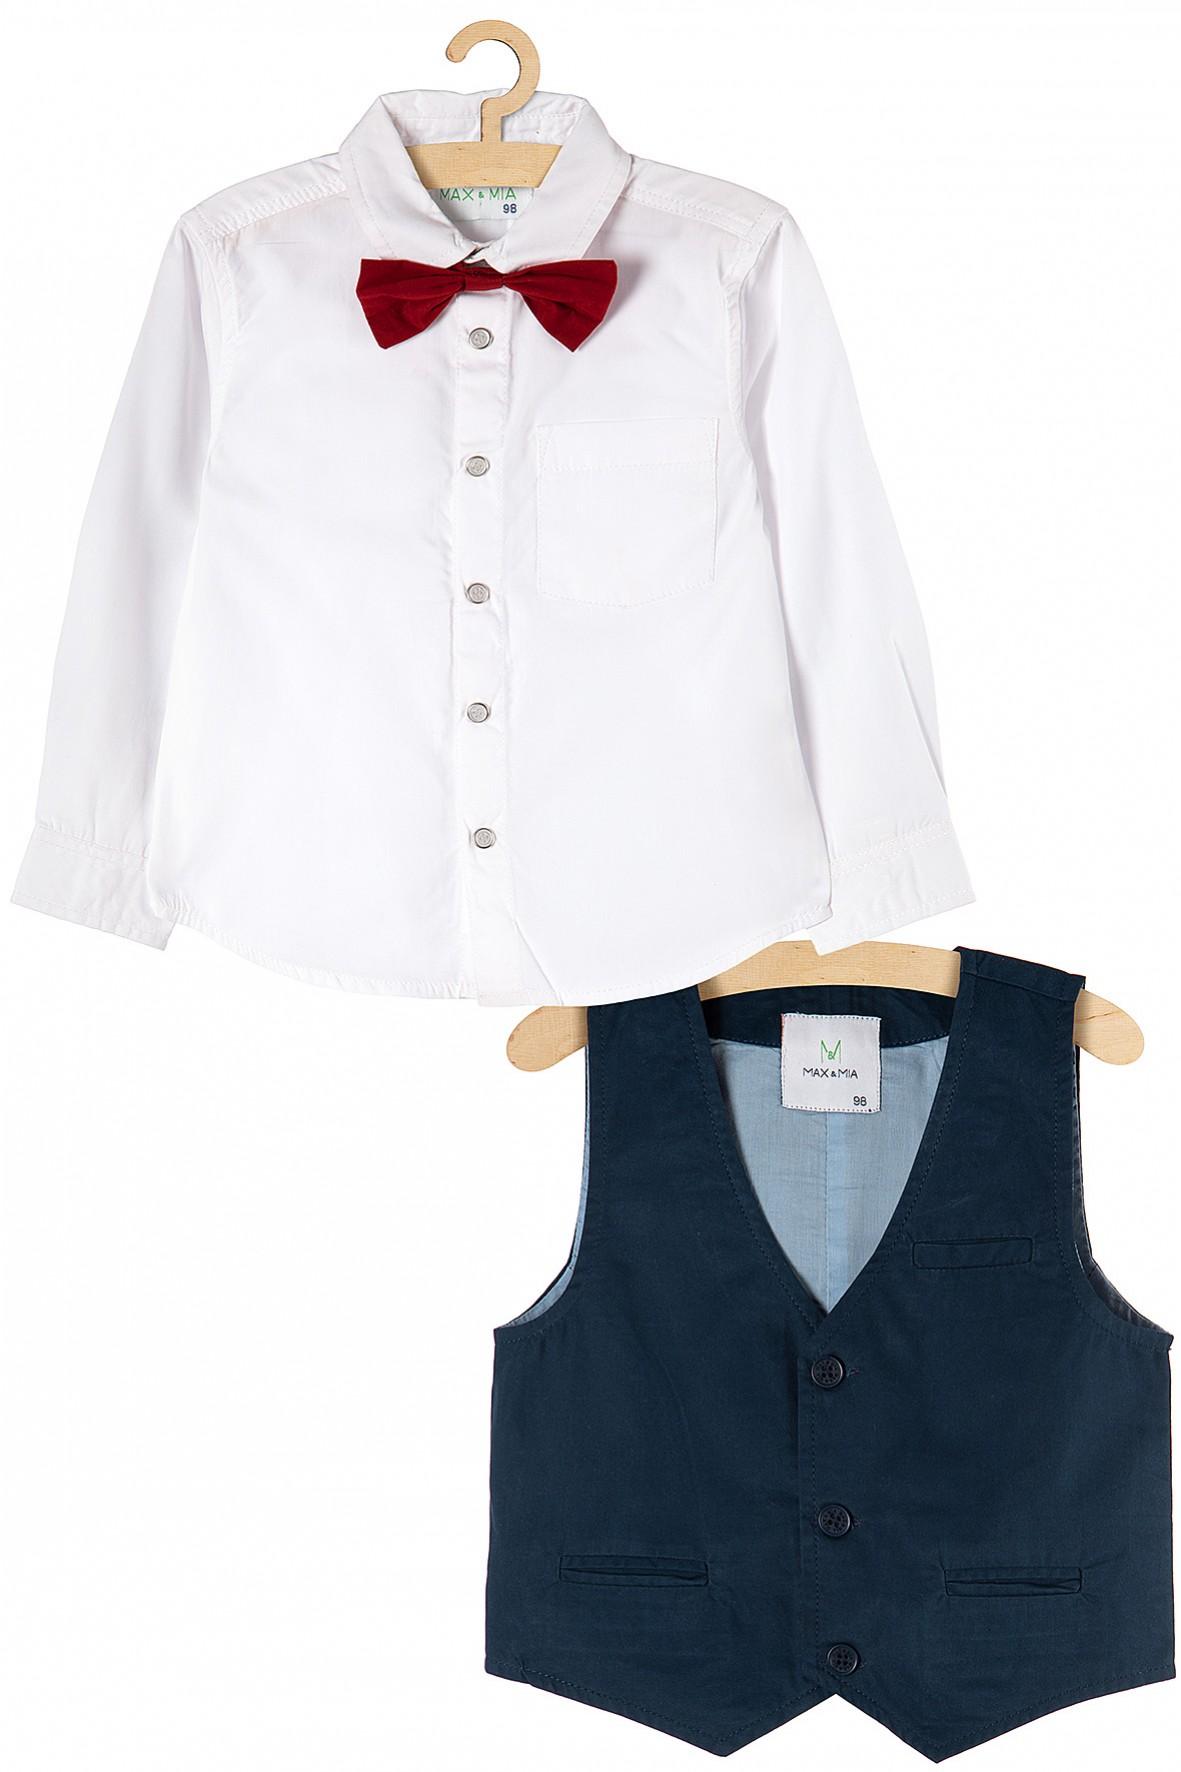 Komplet chłopięcy koszula + kamizelka